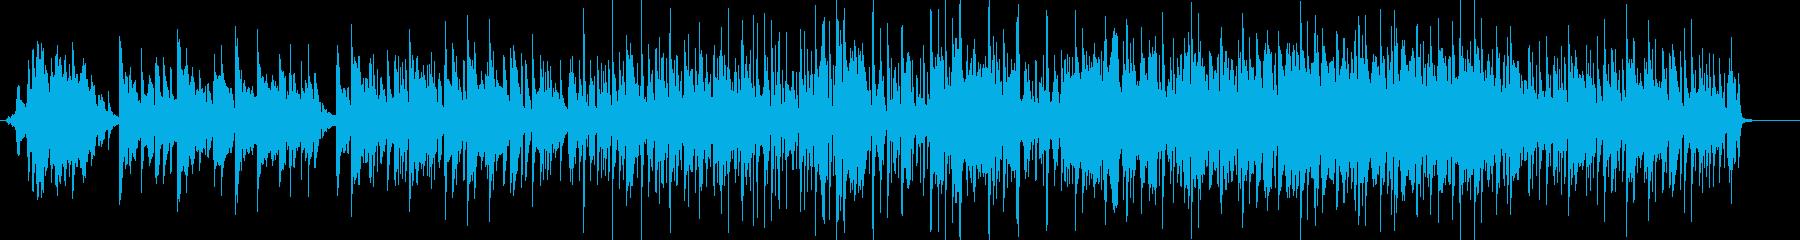 映像系やBGMに合いそうな中華音楽の再生済みの波形